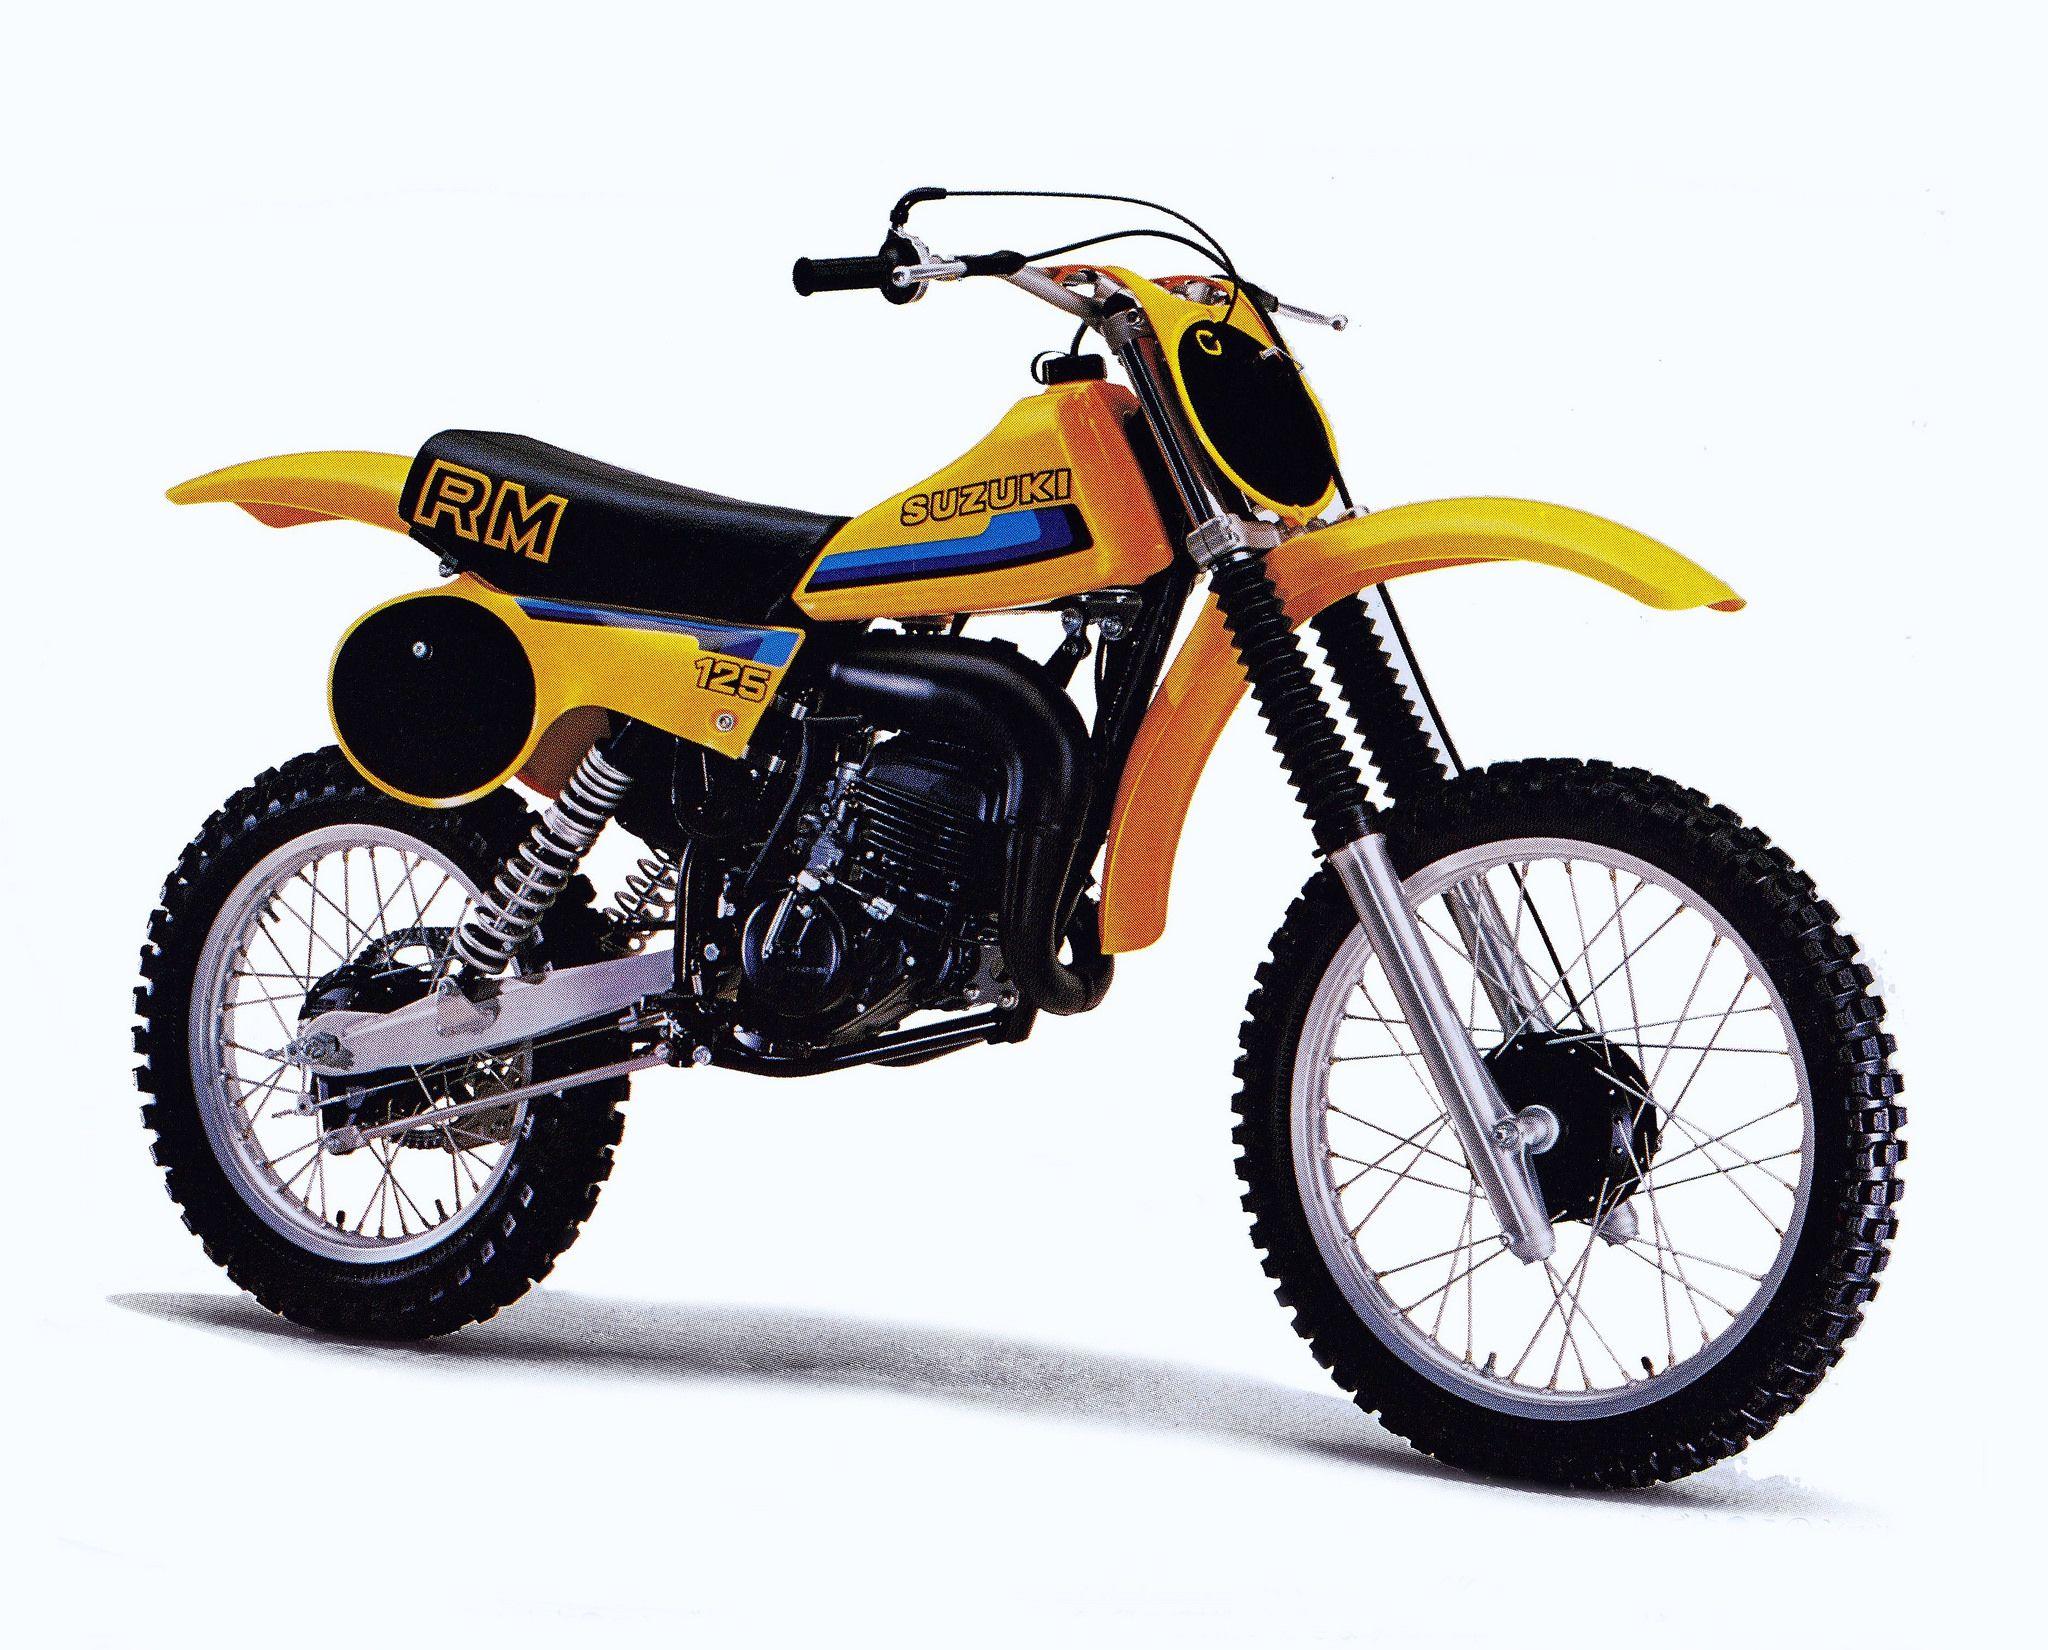 1980 Suzuki RM125 | Dirt Bikes | Motocross bikes, Mx bikes